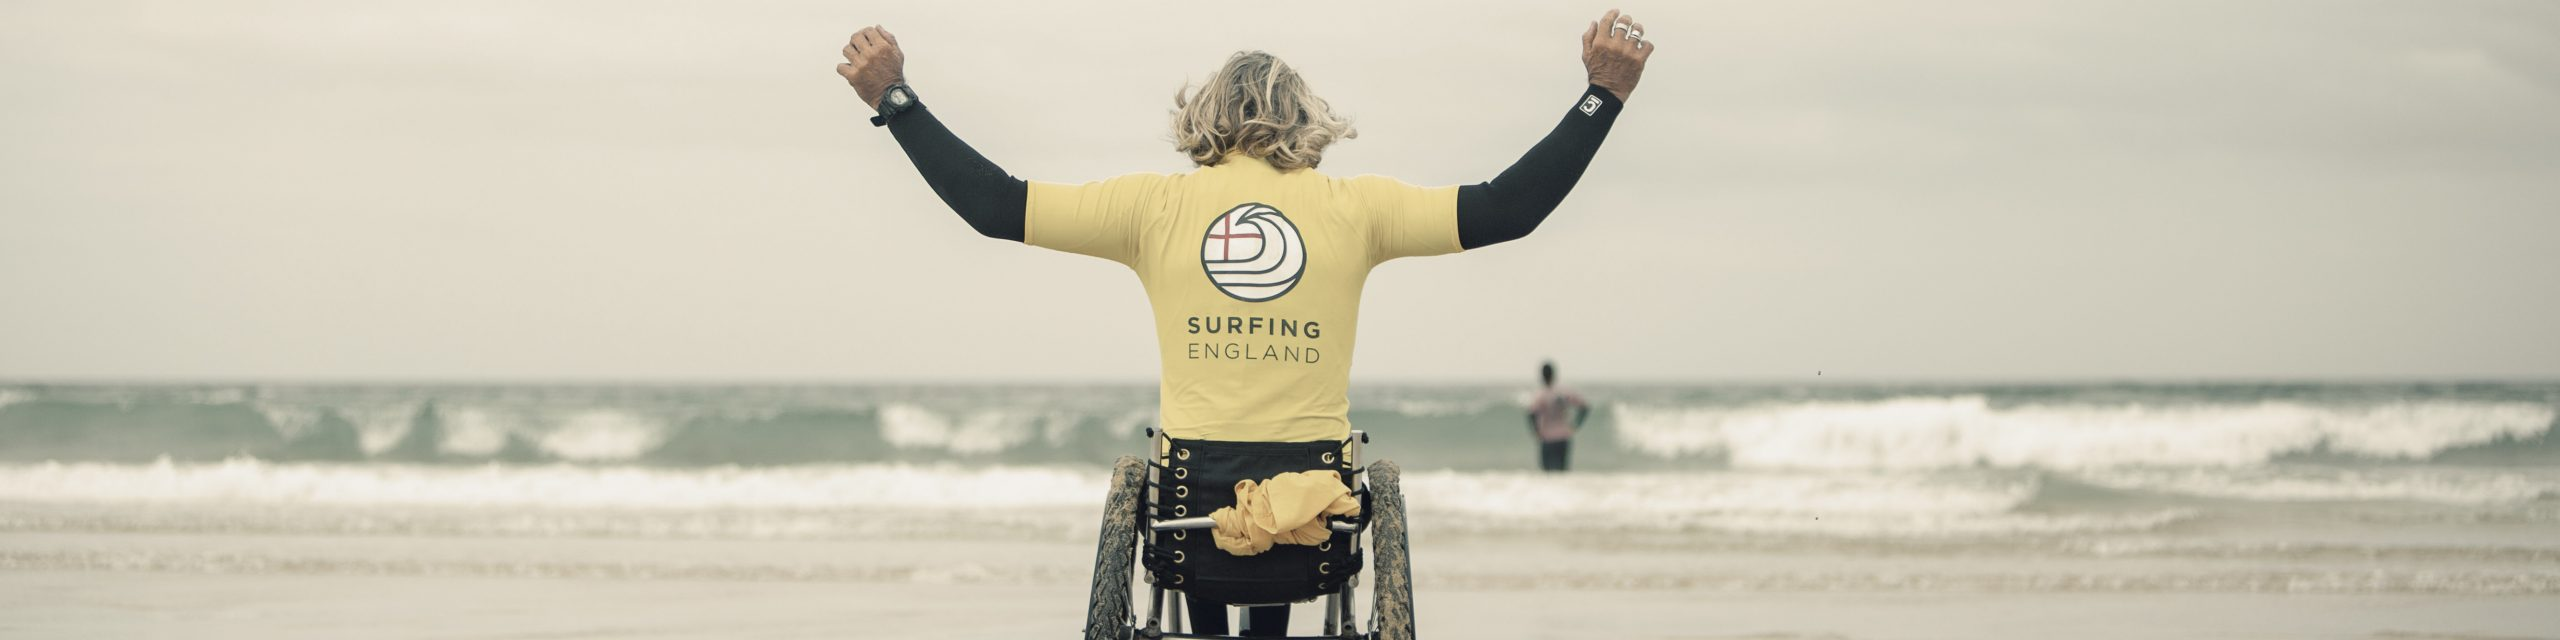 adaptive surfing england